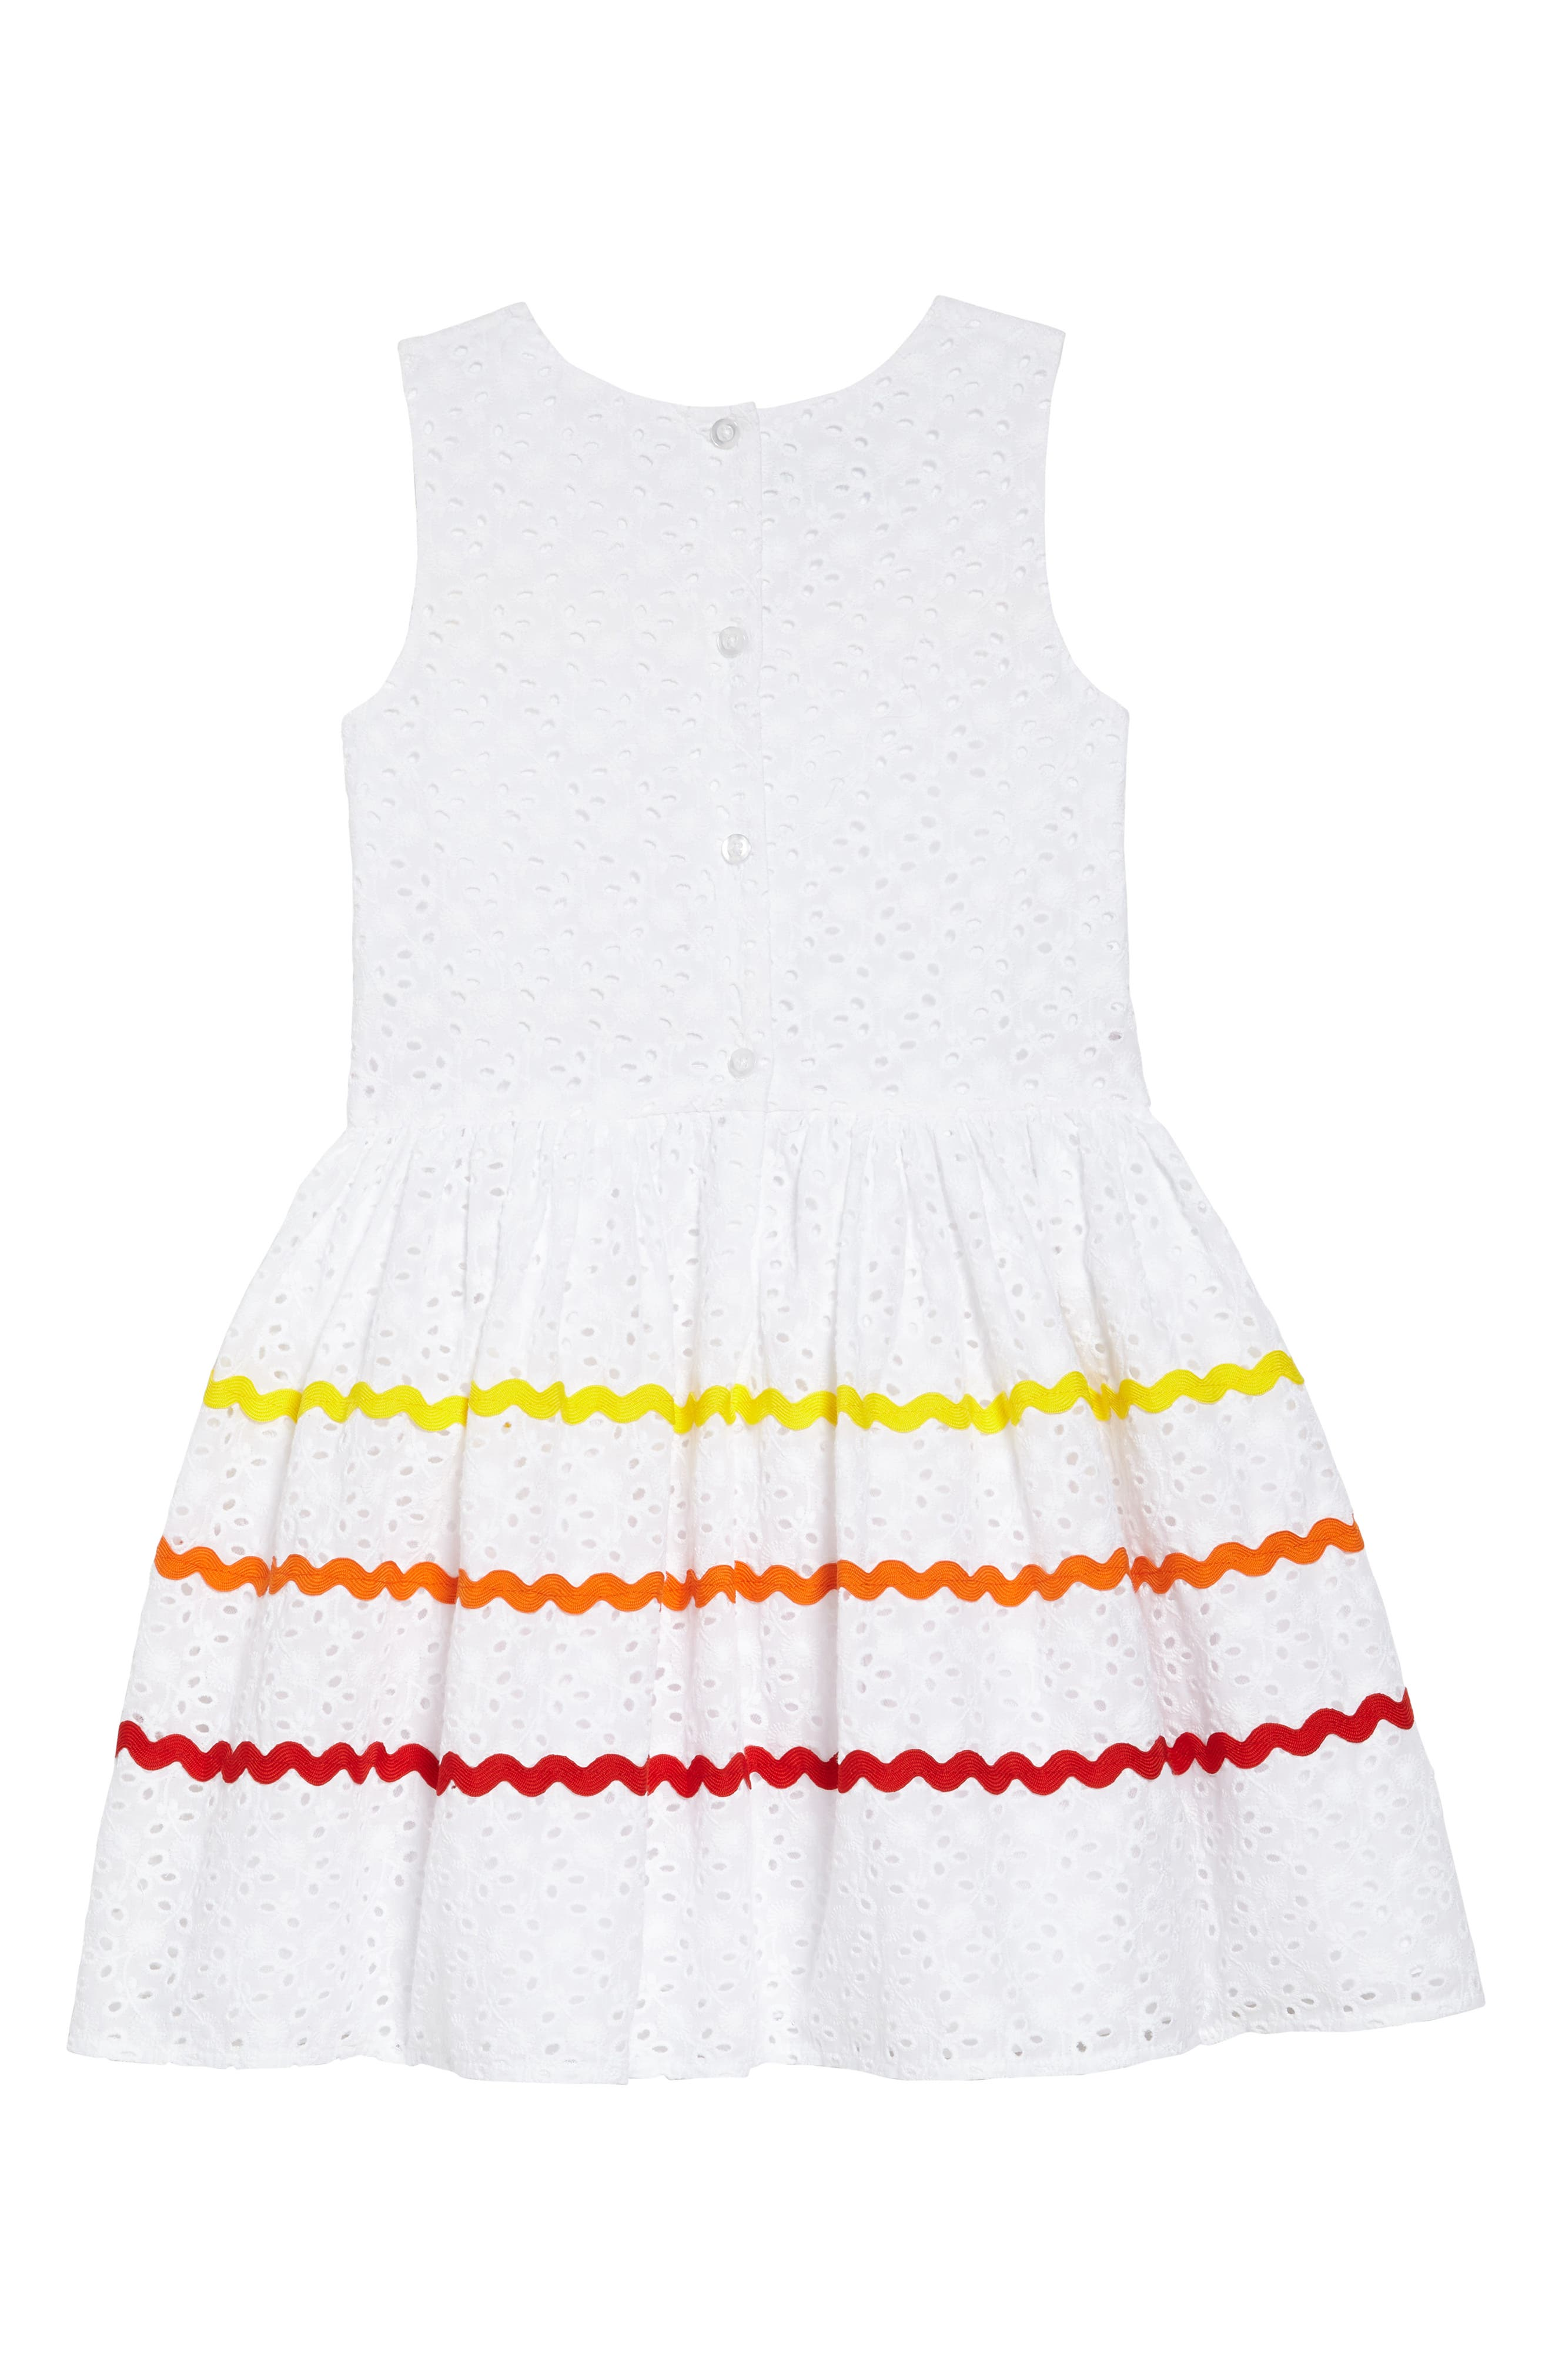 Rickrack Stripe Eyelet Dress,                             Alternate thumbnail 2, color,                             White